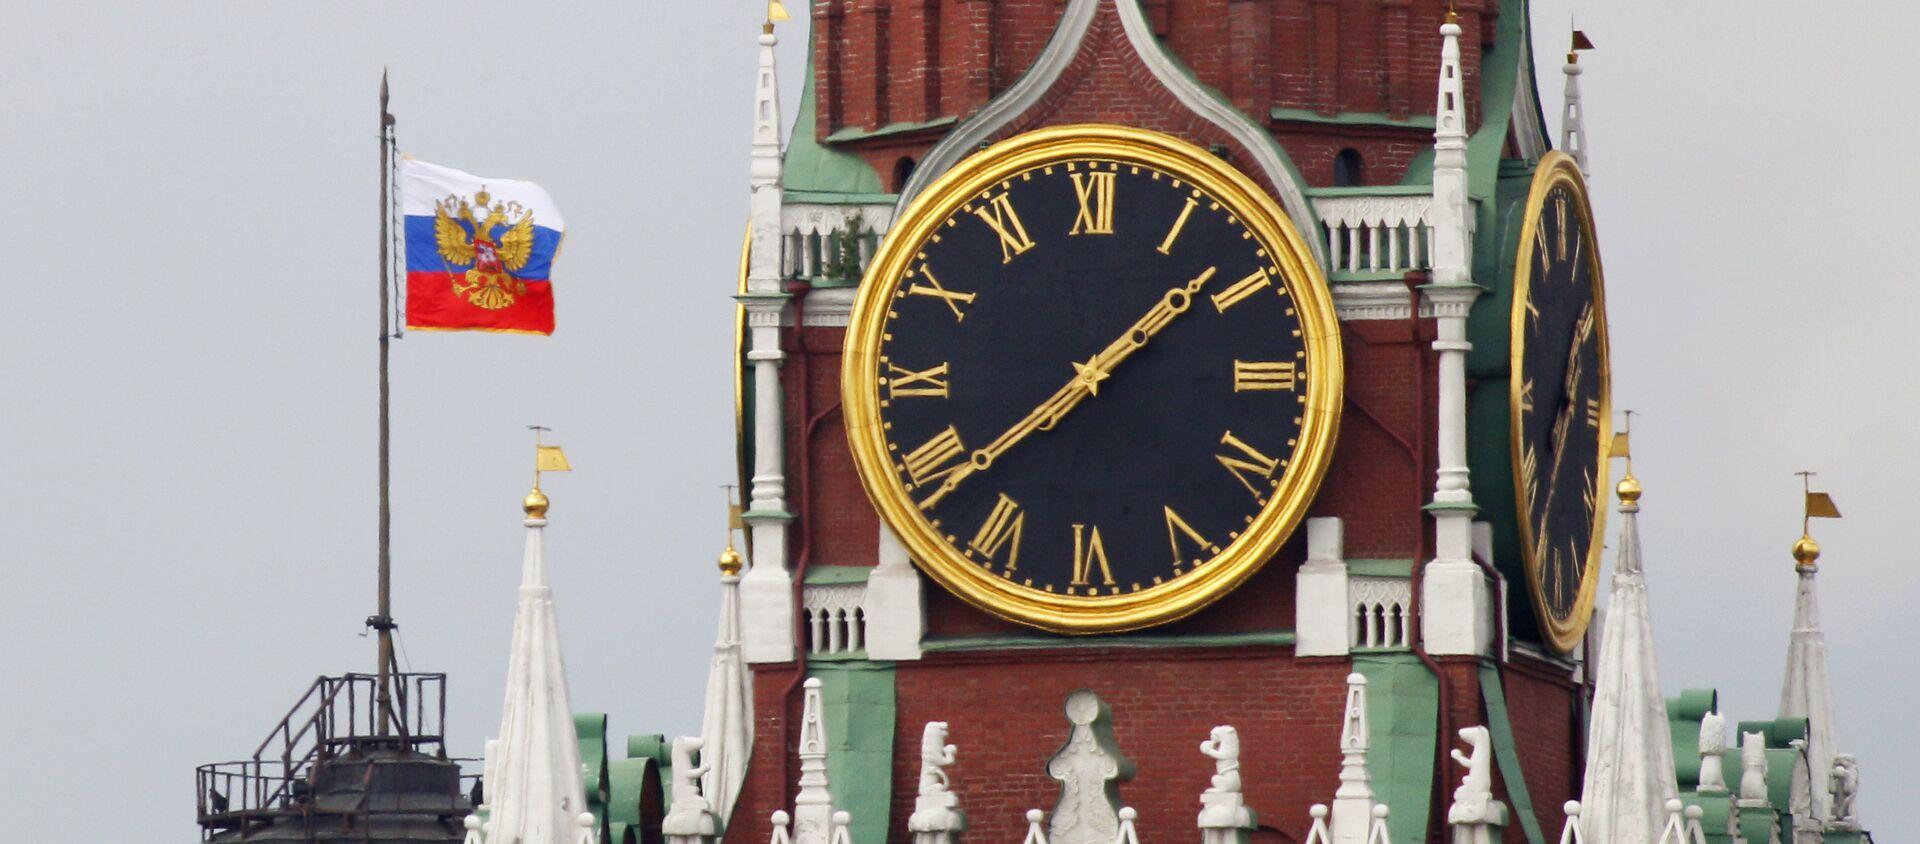 El Estandarte del presidente de la Federación de Rusia en Kremlin - Sputnik Mundo, 1920, 29.01.2021